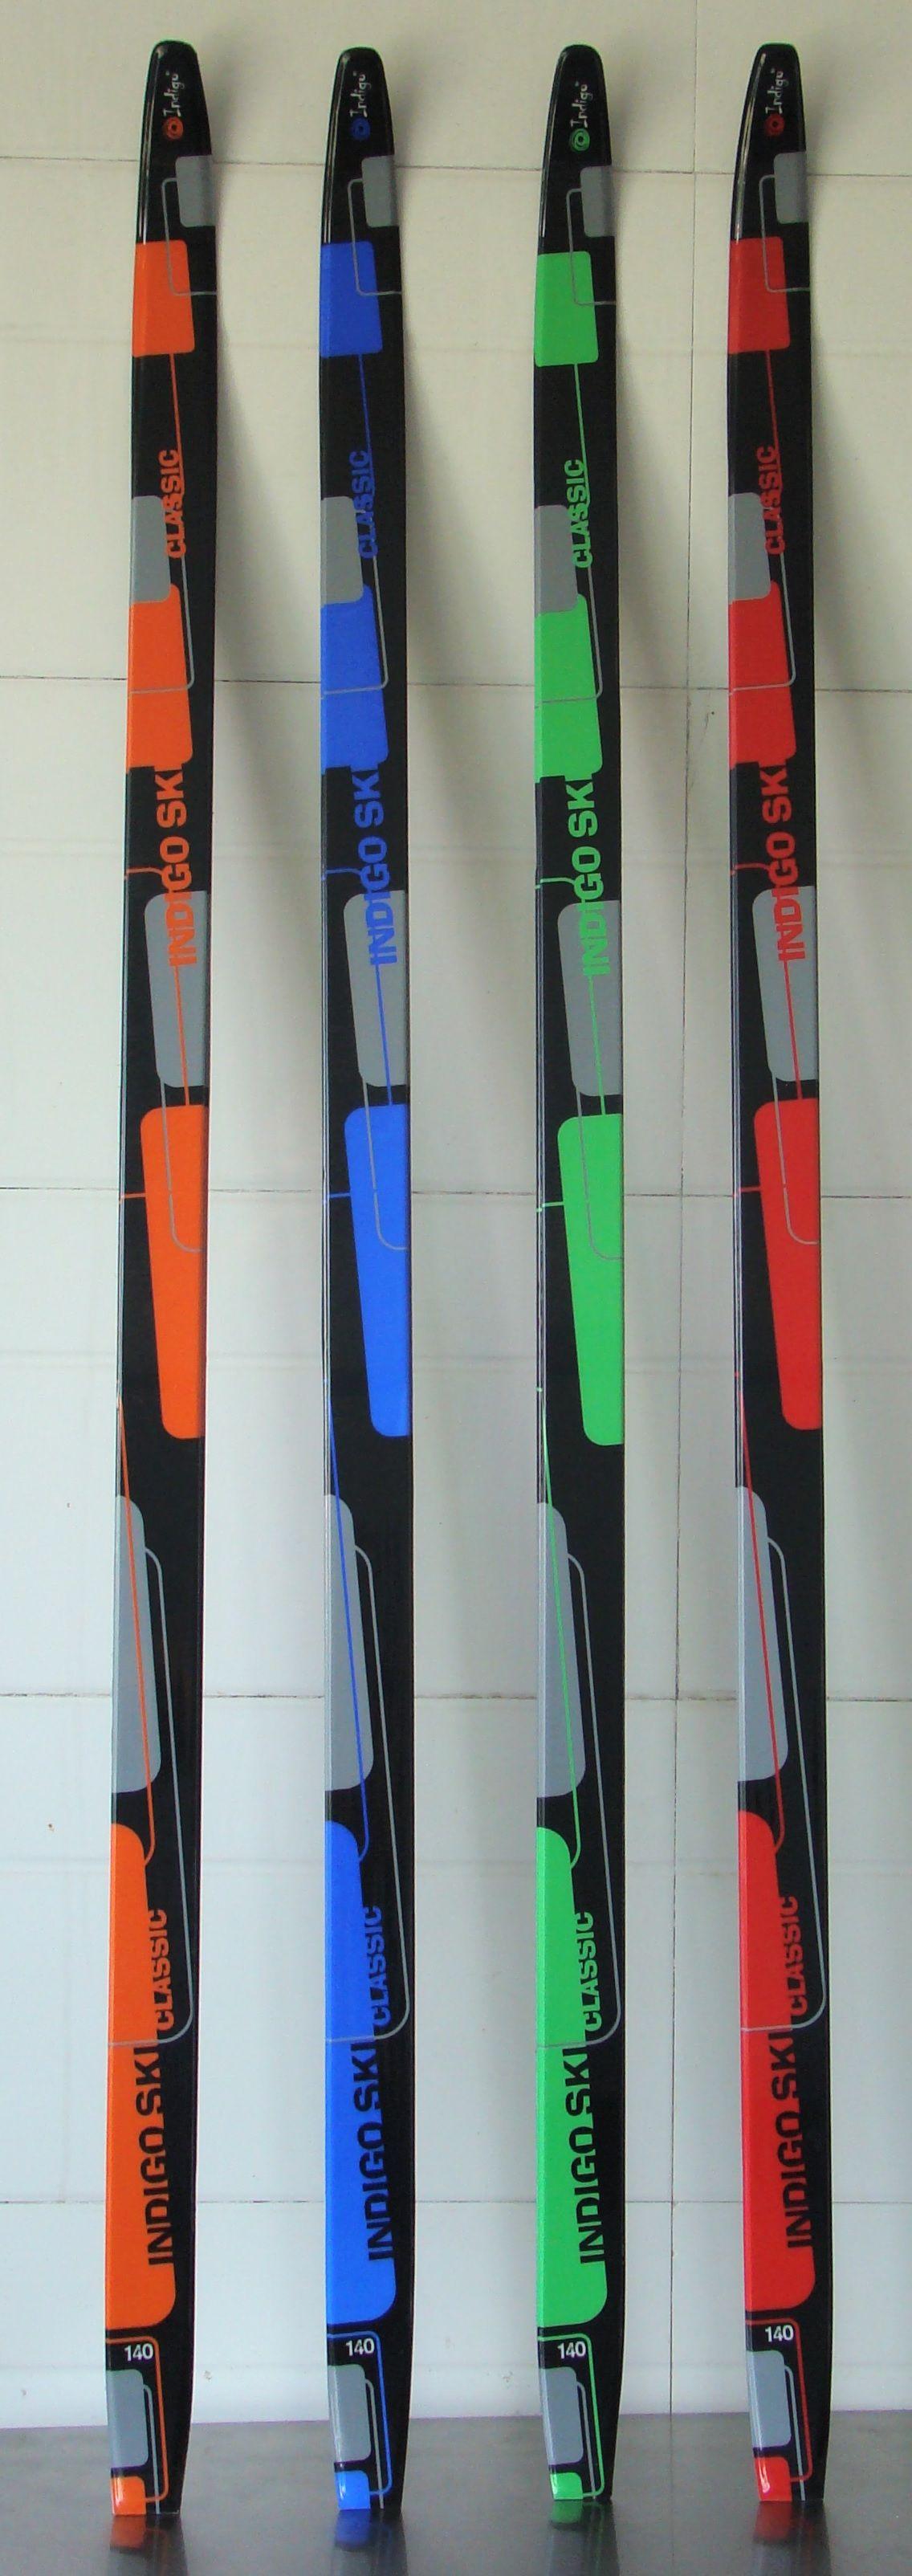 Лыжи п/пл INDIGO CLASSIC 170см цв. СинийЛыжи, палки, крепления<br><br><br>Артикул: 00018772<br>Бренд: INDIGO